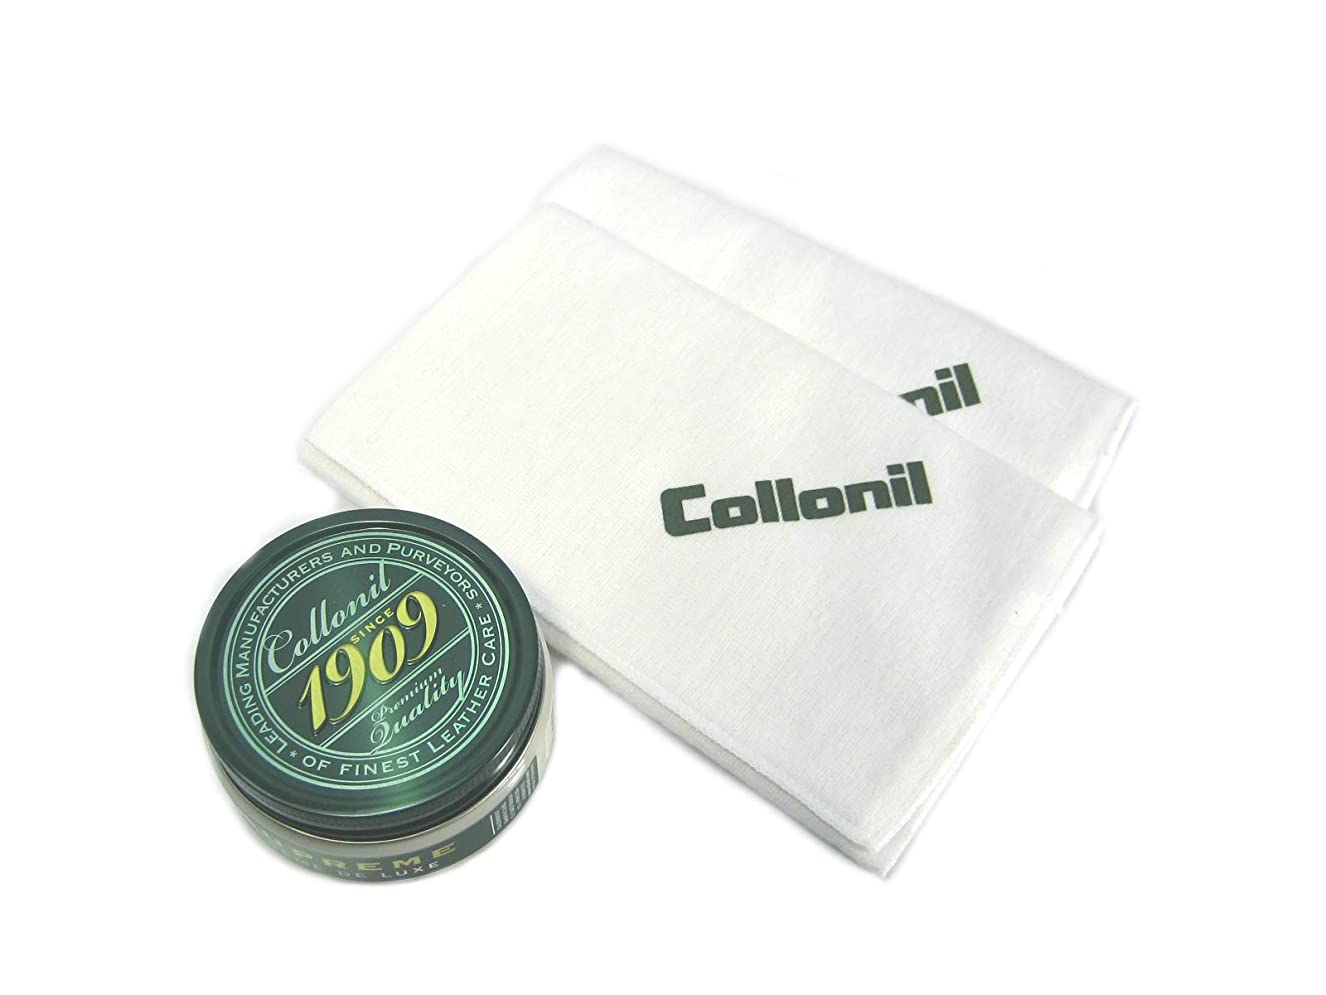 消化スカルク却下するコロニル(collonil)バッグ?財布用 レザーケア?1909 シュプリームクリームデラックス?オリジナルセットco-01